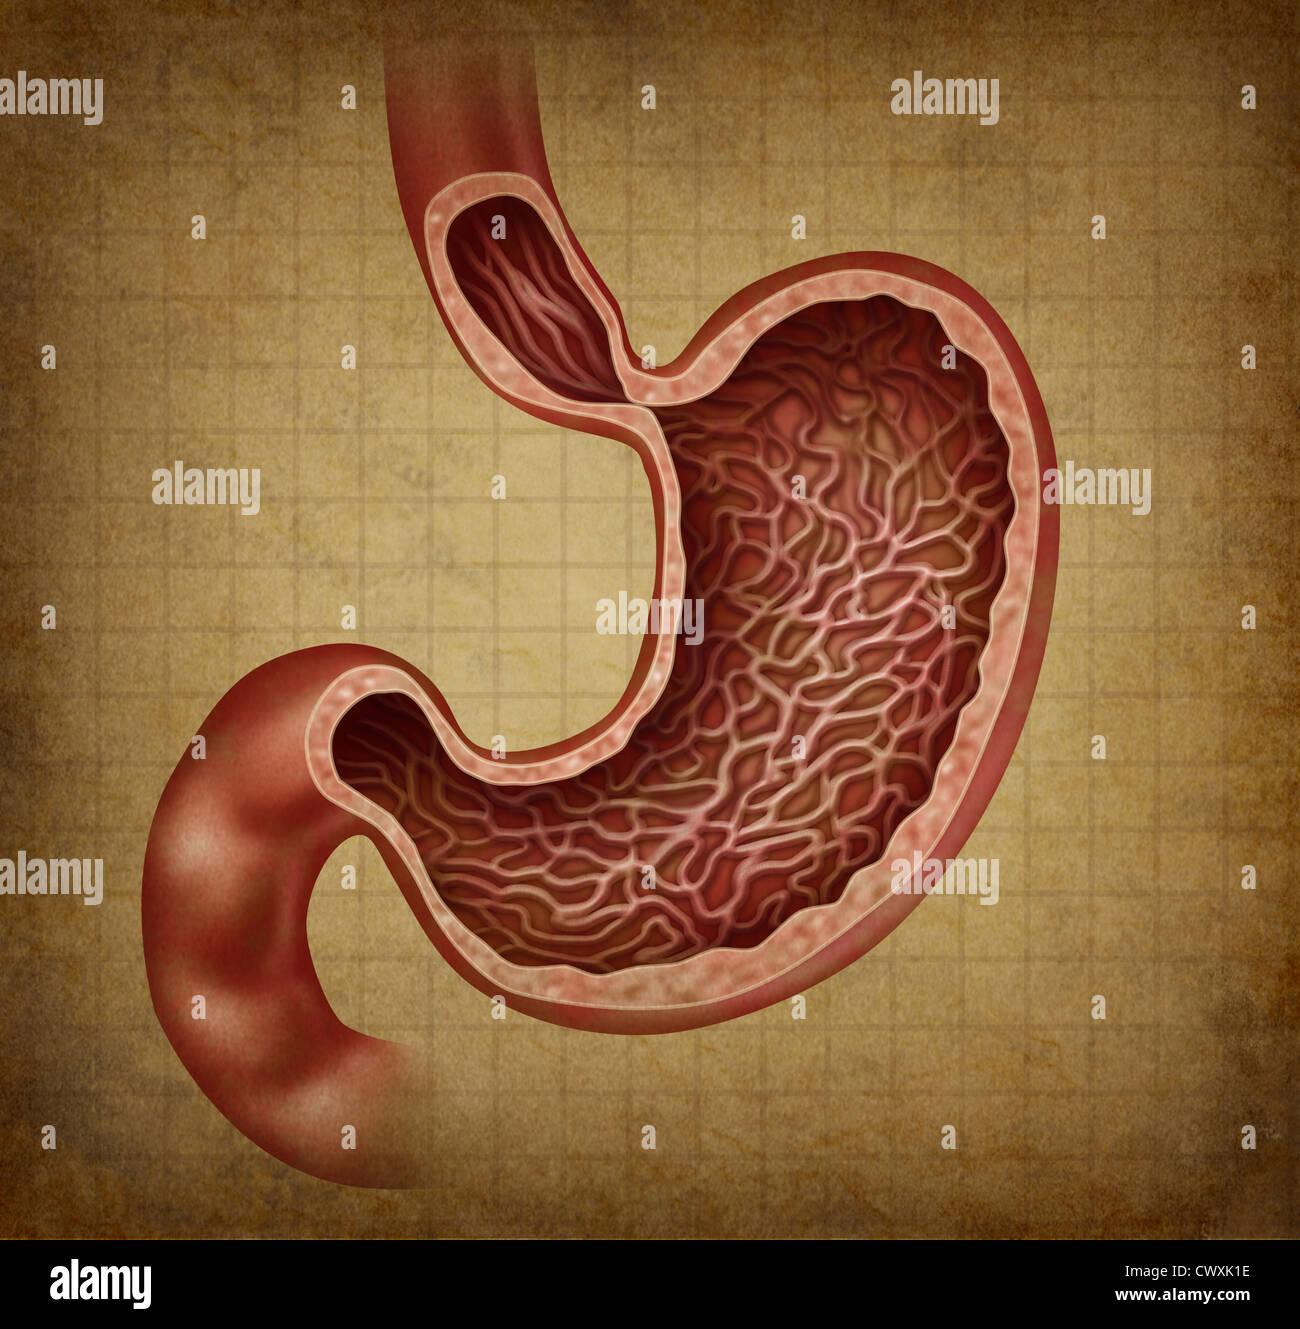 Anatomía del estómago diagrama del órgano digestivo humano con una ...